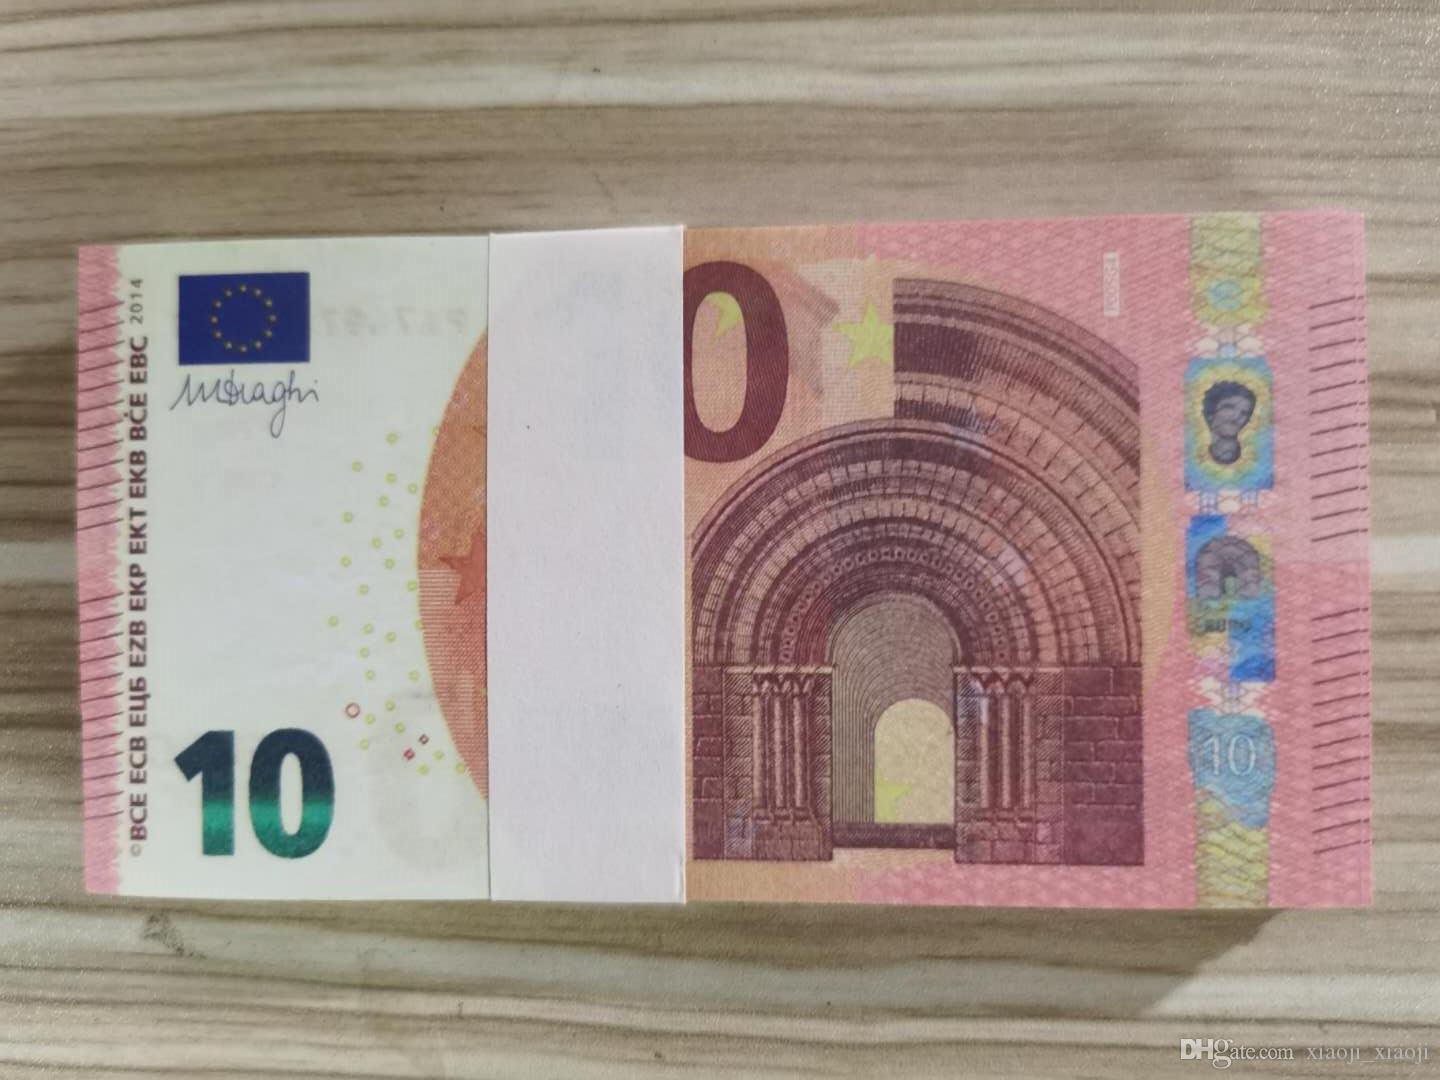 ENFANTS PROPENDURE DE L'ARGENT ADULLE Copie adulte Devise Euro Euro Euro Movie Special Jeu Special Bar Papier Papier faux jouet-076 Plavh